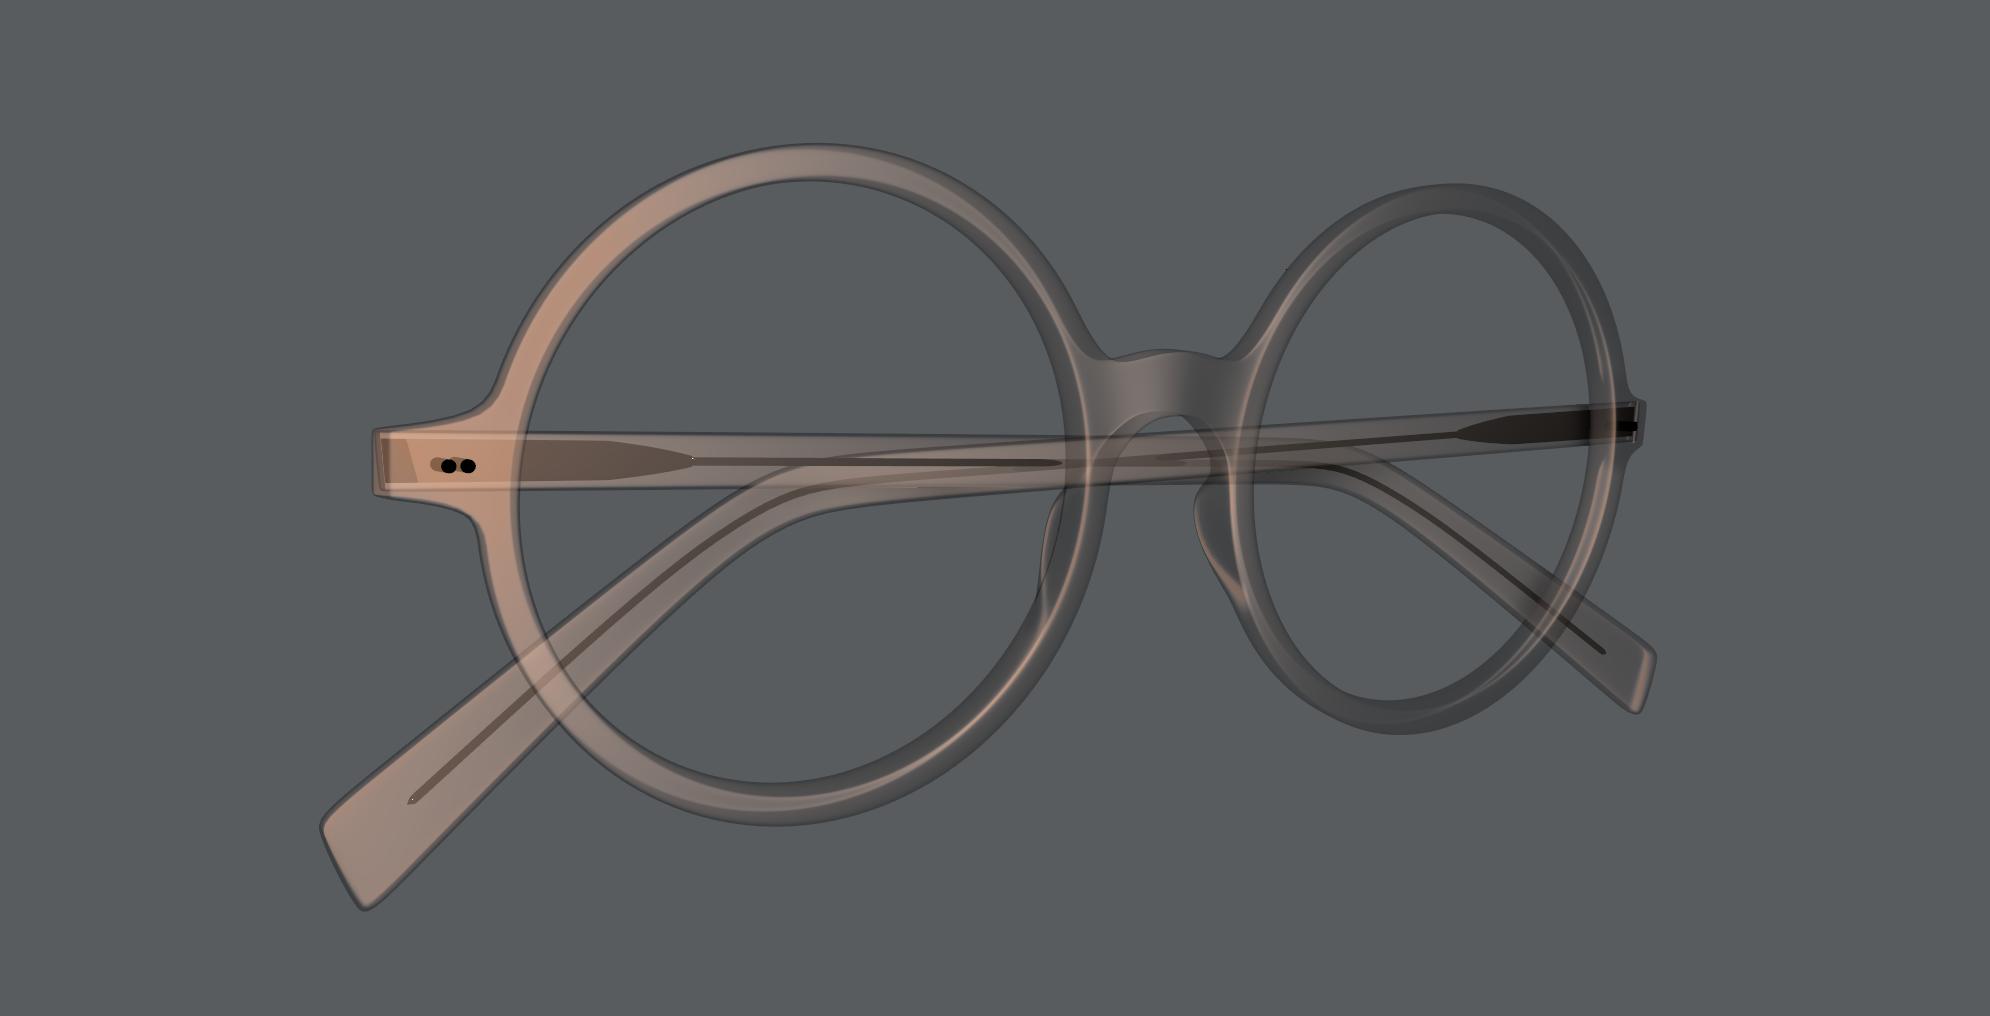 glasses3D_2.png